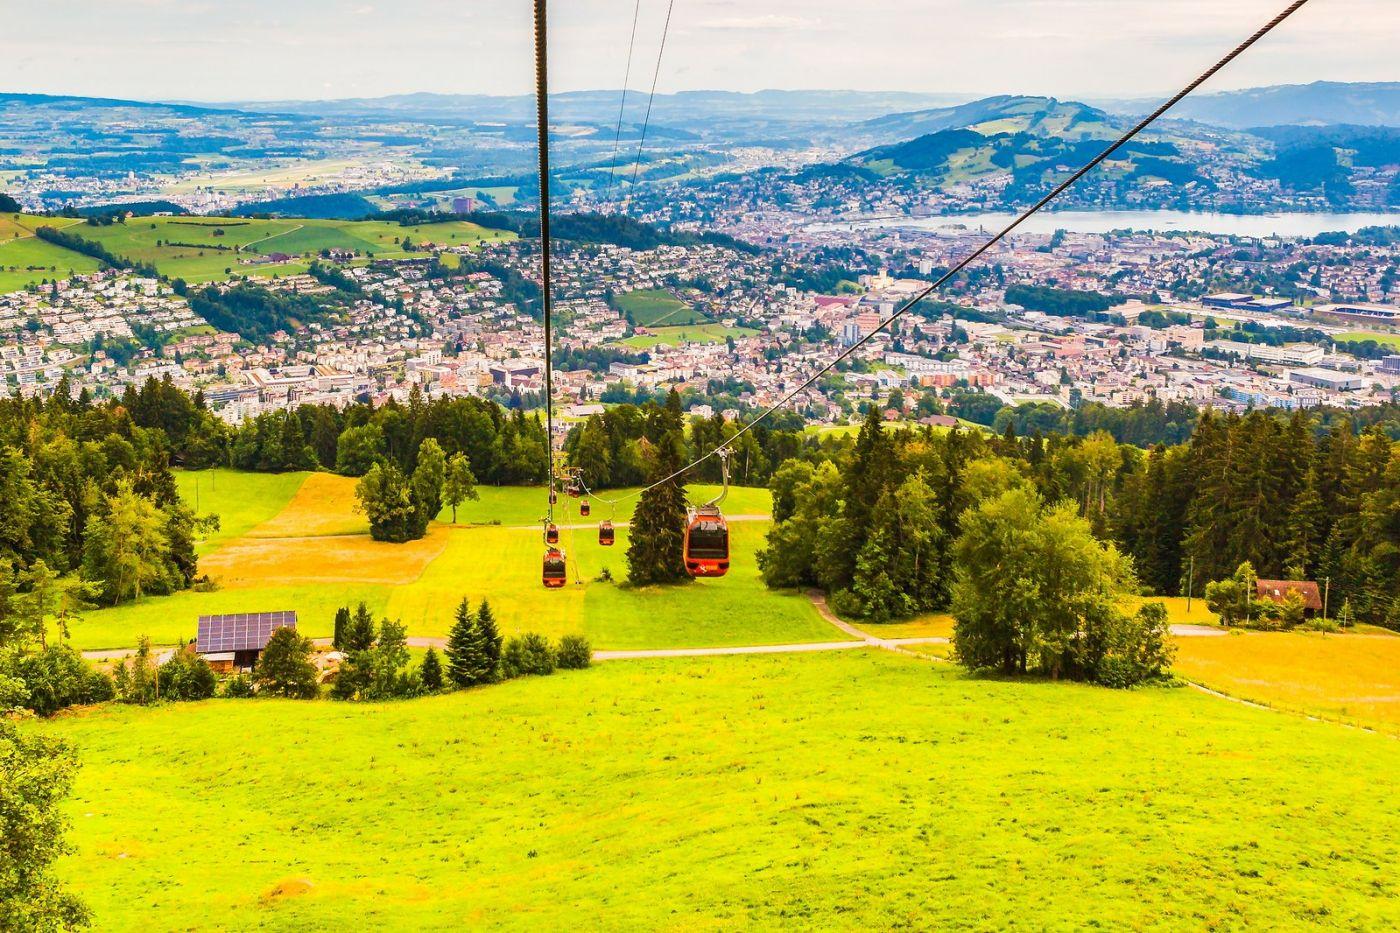 瑞士卢塞恩(Lucerne),坐缆车看风景_图1-27